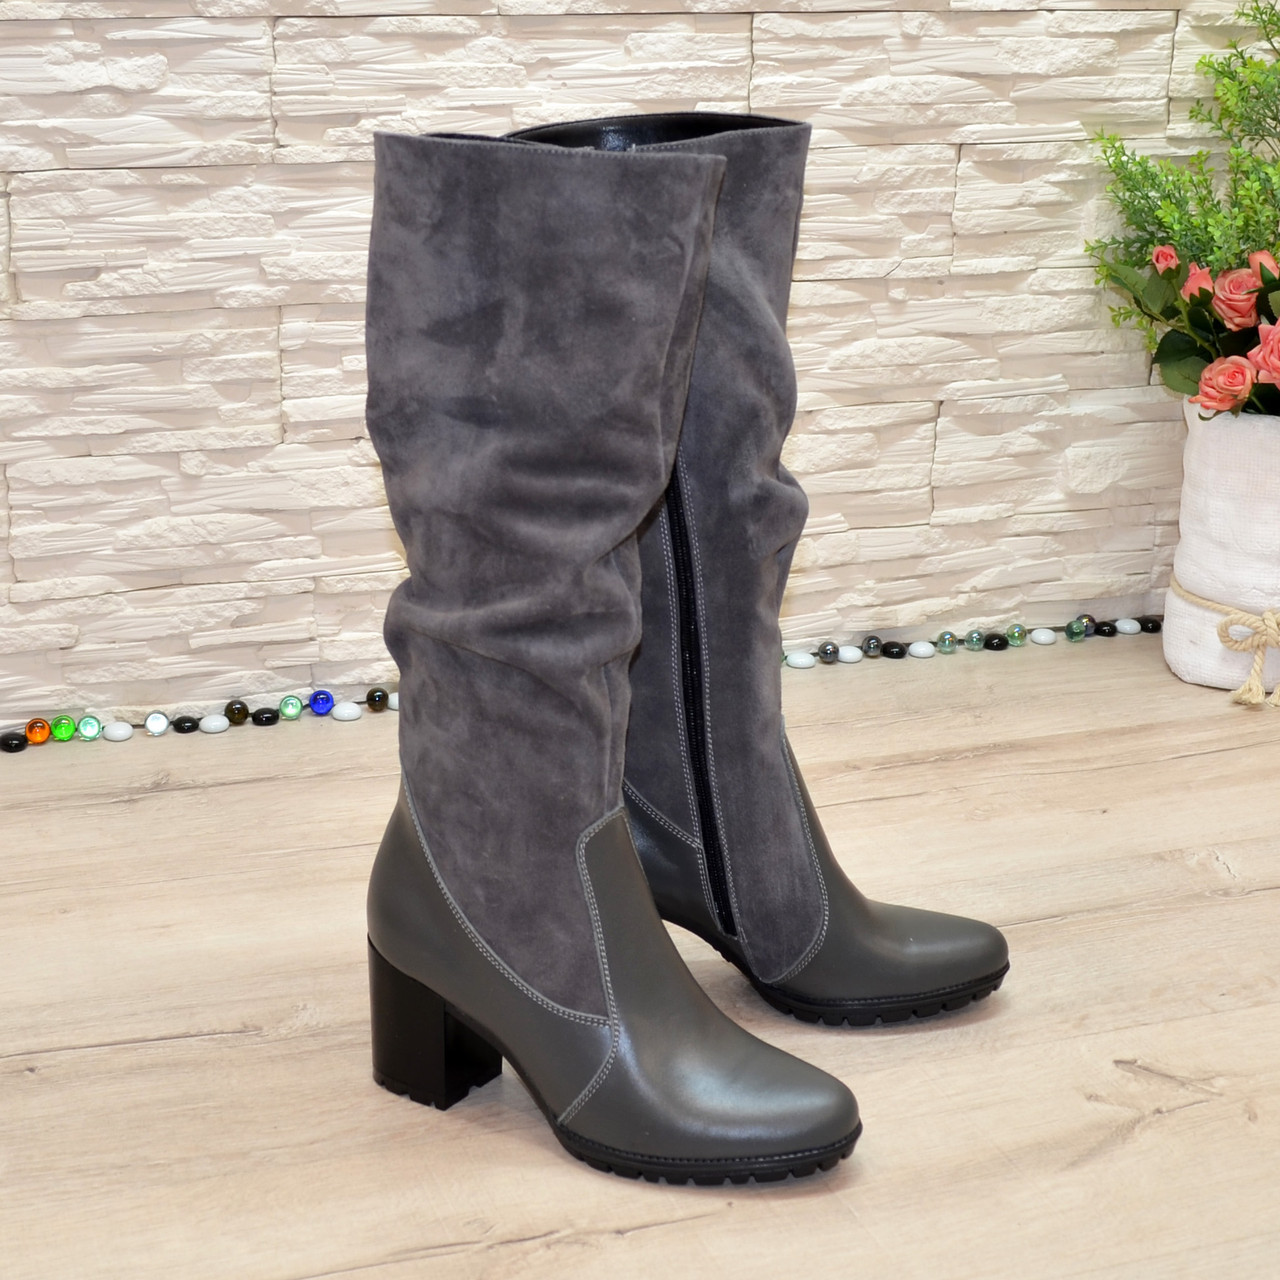 Сапоги женские комбинированные  на устойчивом каблуке, цвет серый